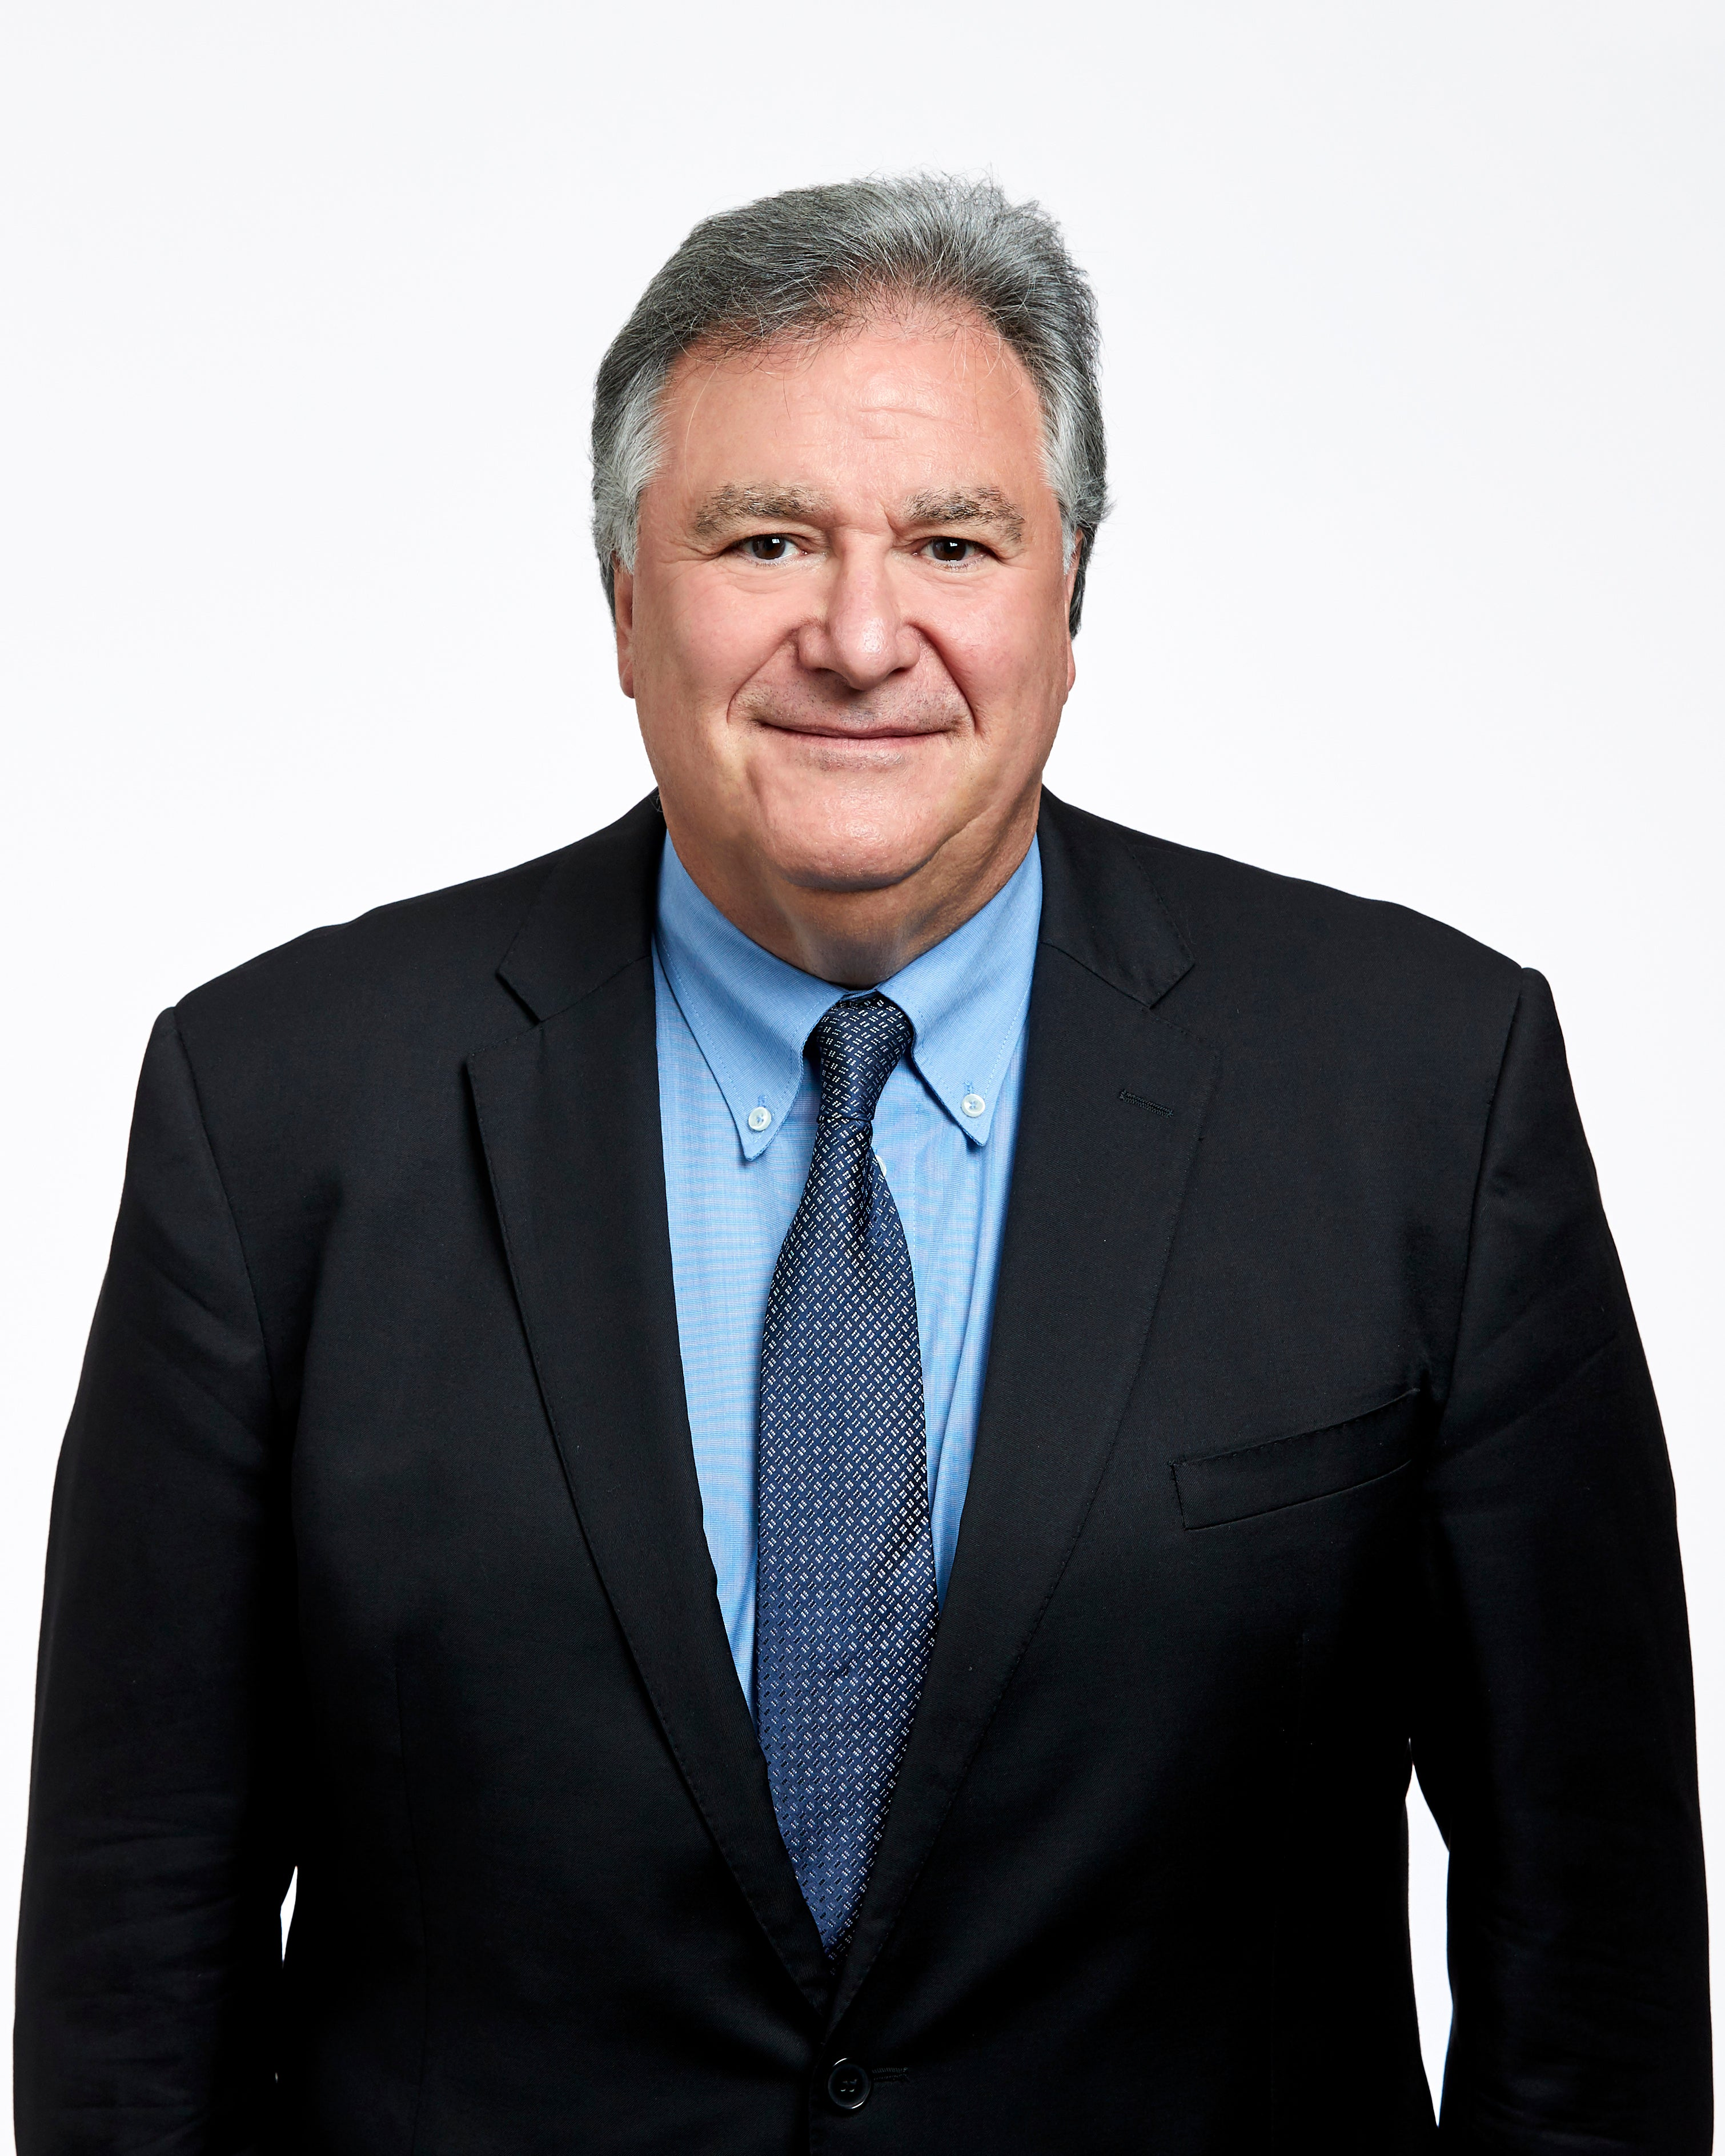 Melbourne senior partner Lou Farinotti appointed to Development Victoria board